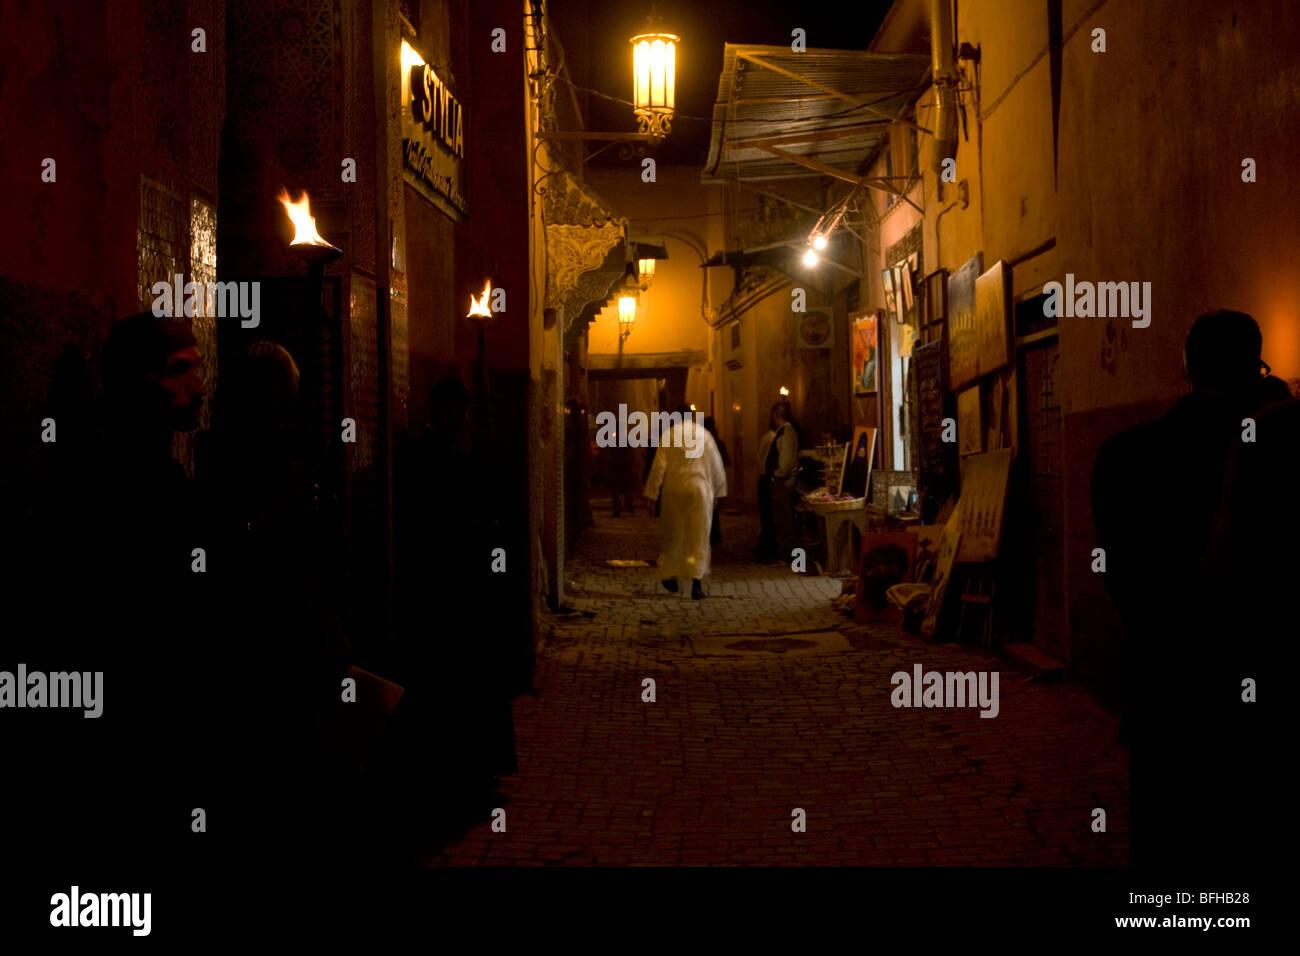 Night time street scene in the medina in Marrakesh, Morocco Stock Photo